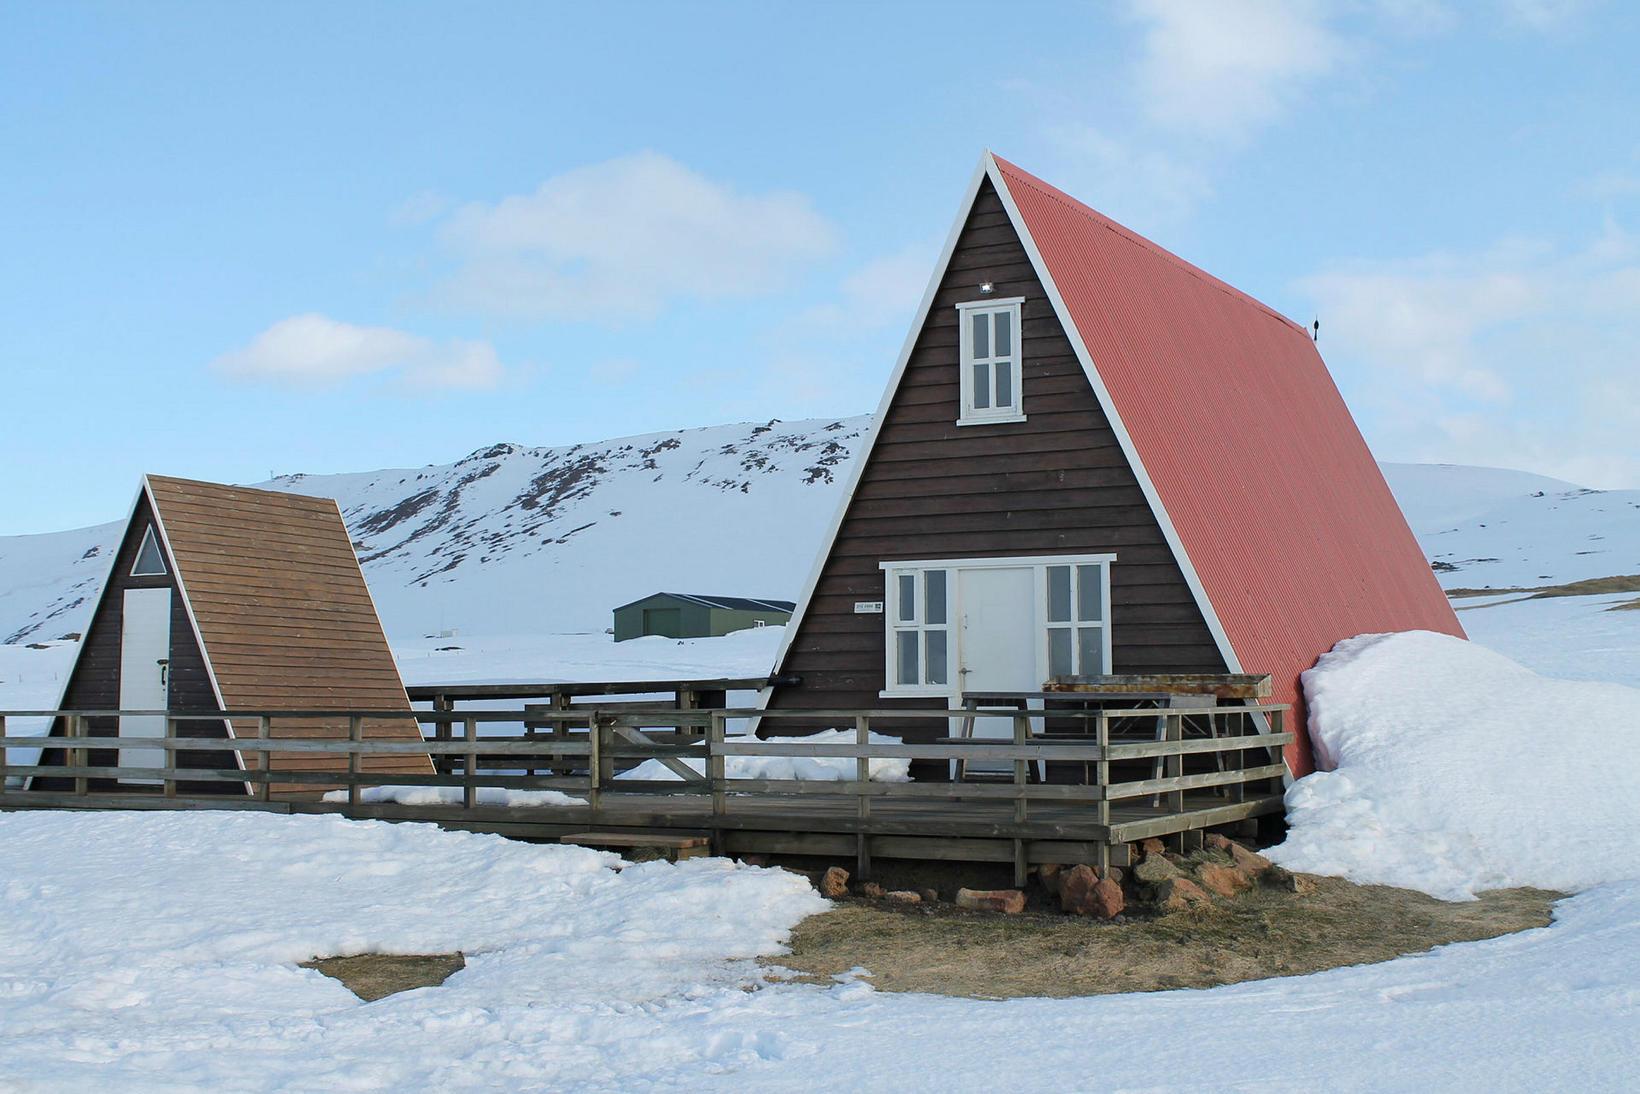 Gangnamannakofi við Þeistareyki.